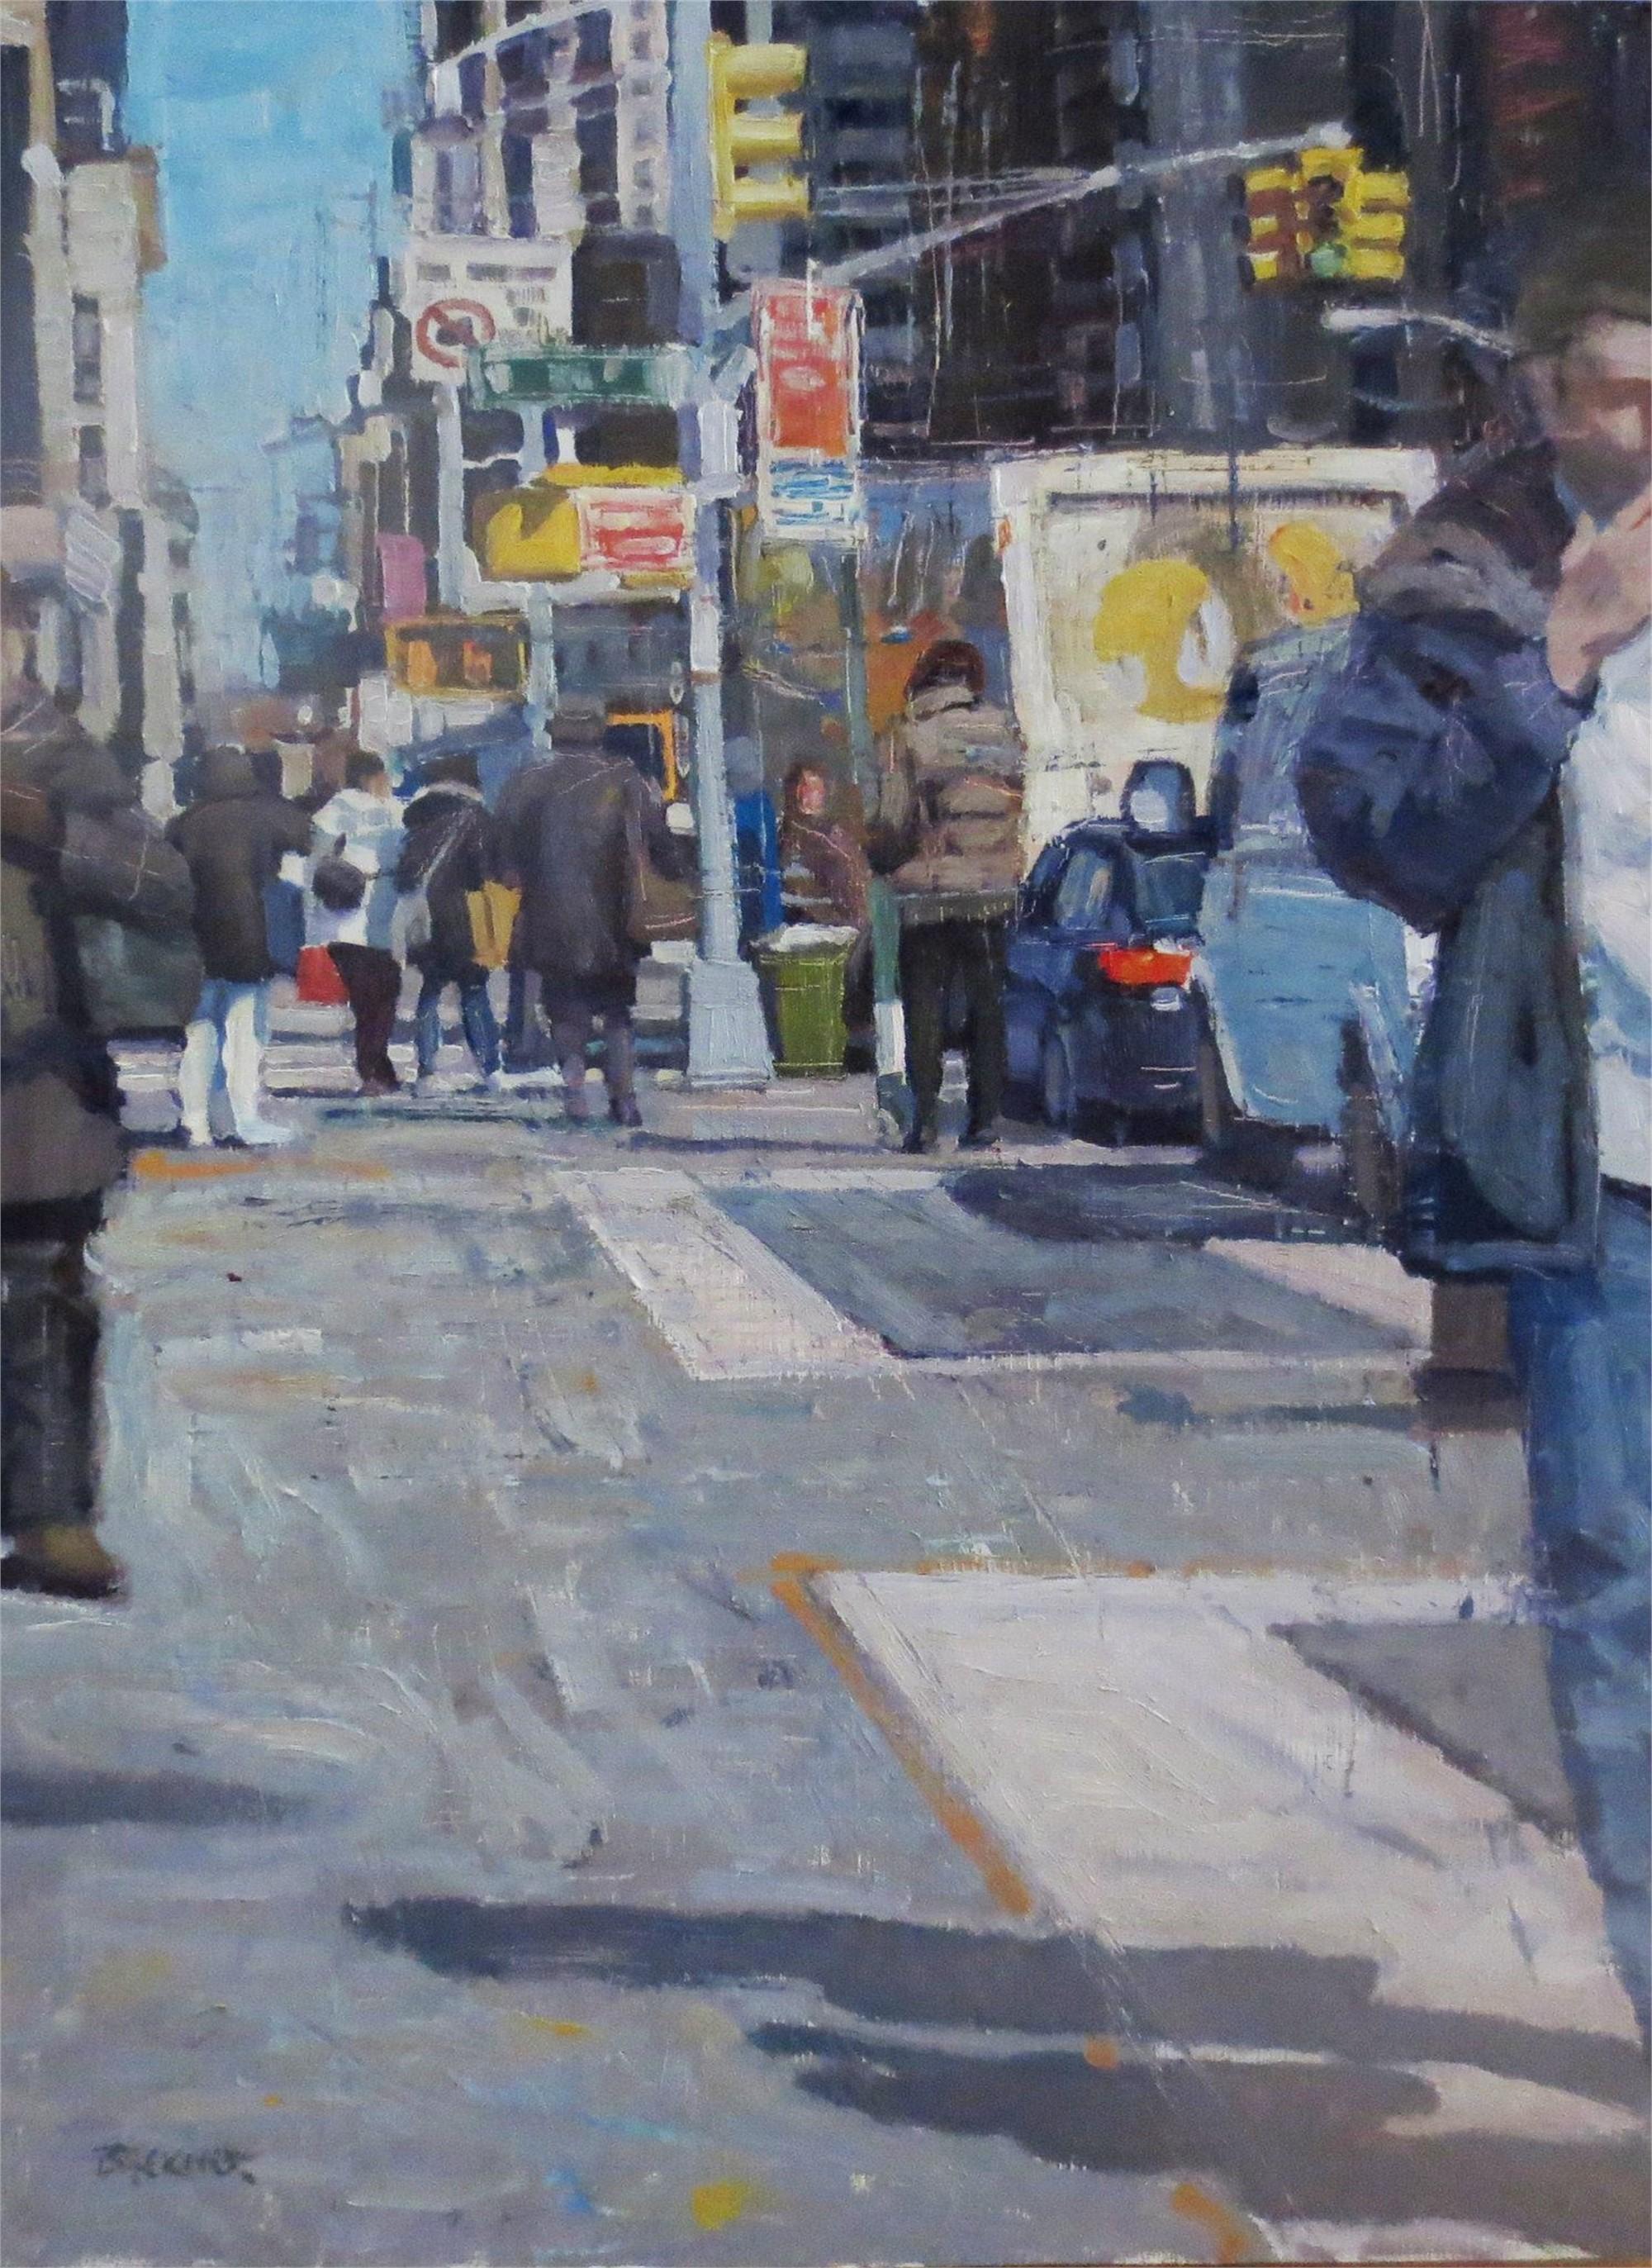 NYC by Jim Beckner